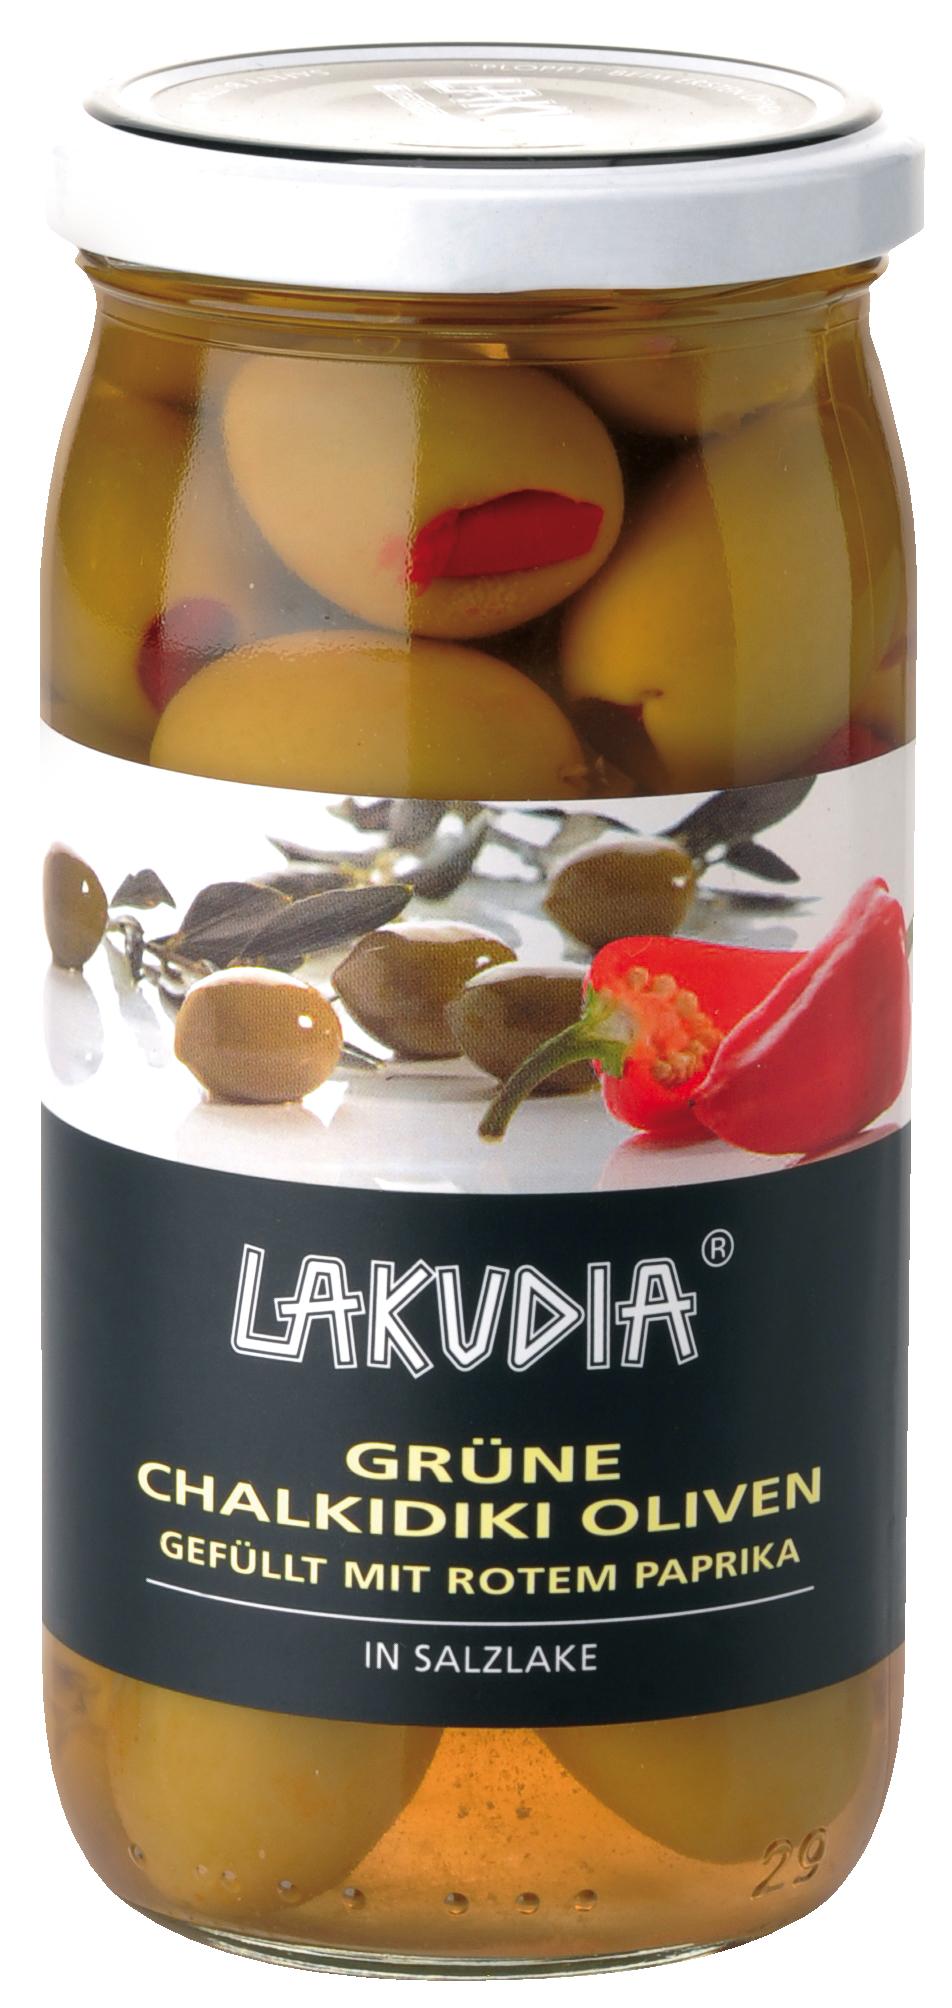 Grüne Chalkidiki Oliven gefüllt mit rotem Paprika